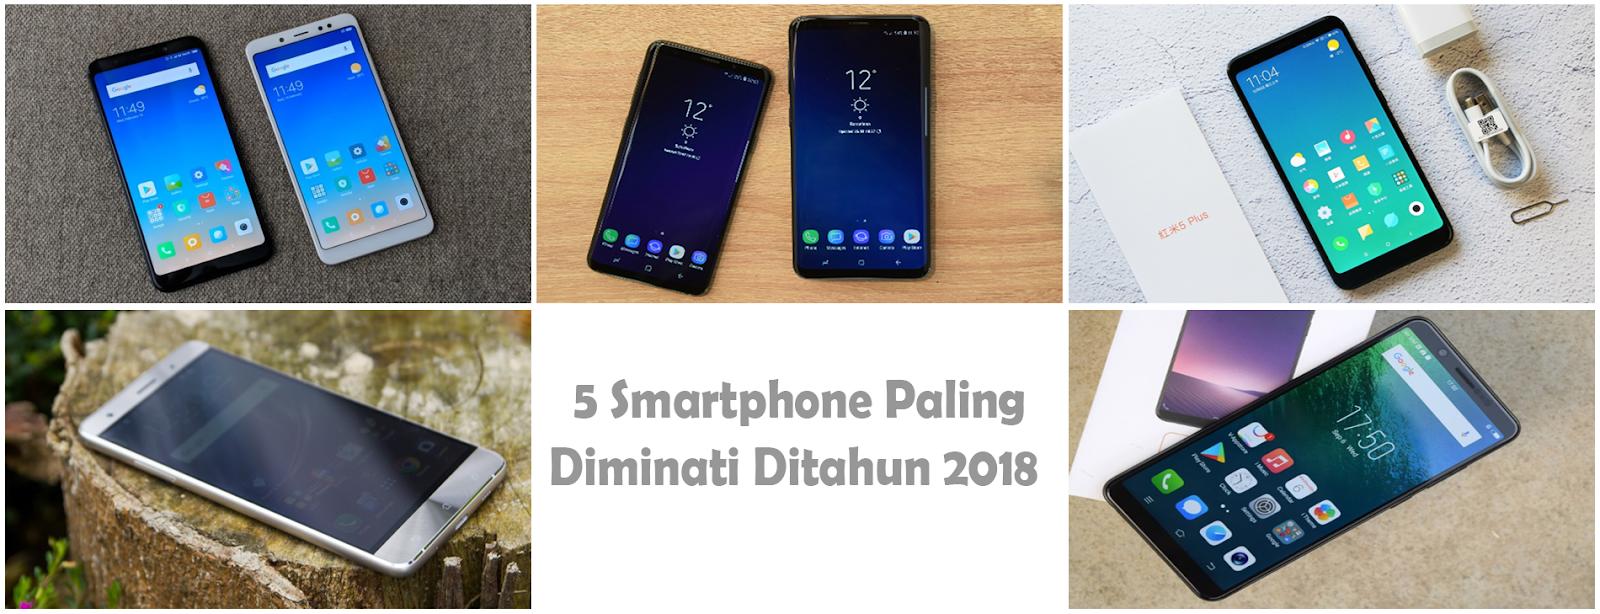 5 Smartphone Android Paling Bayak Diminati Ditahun 2018